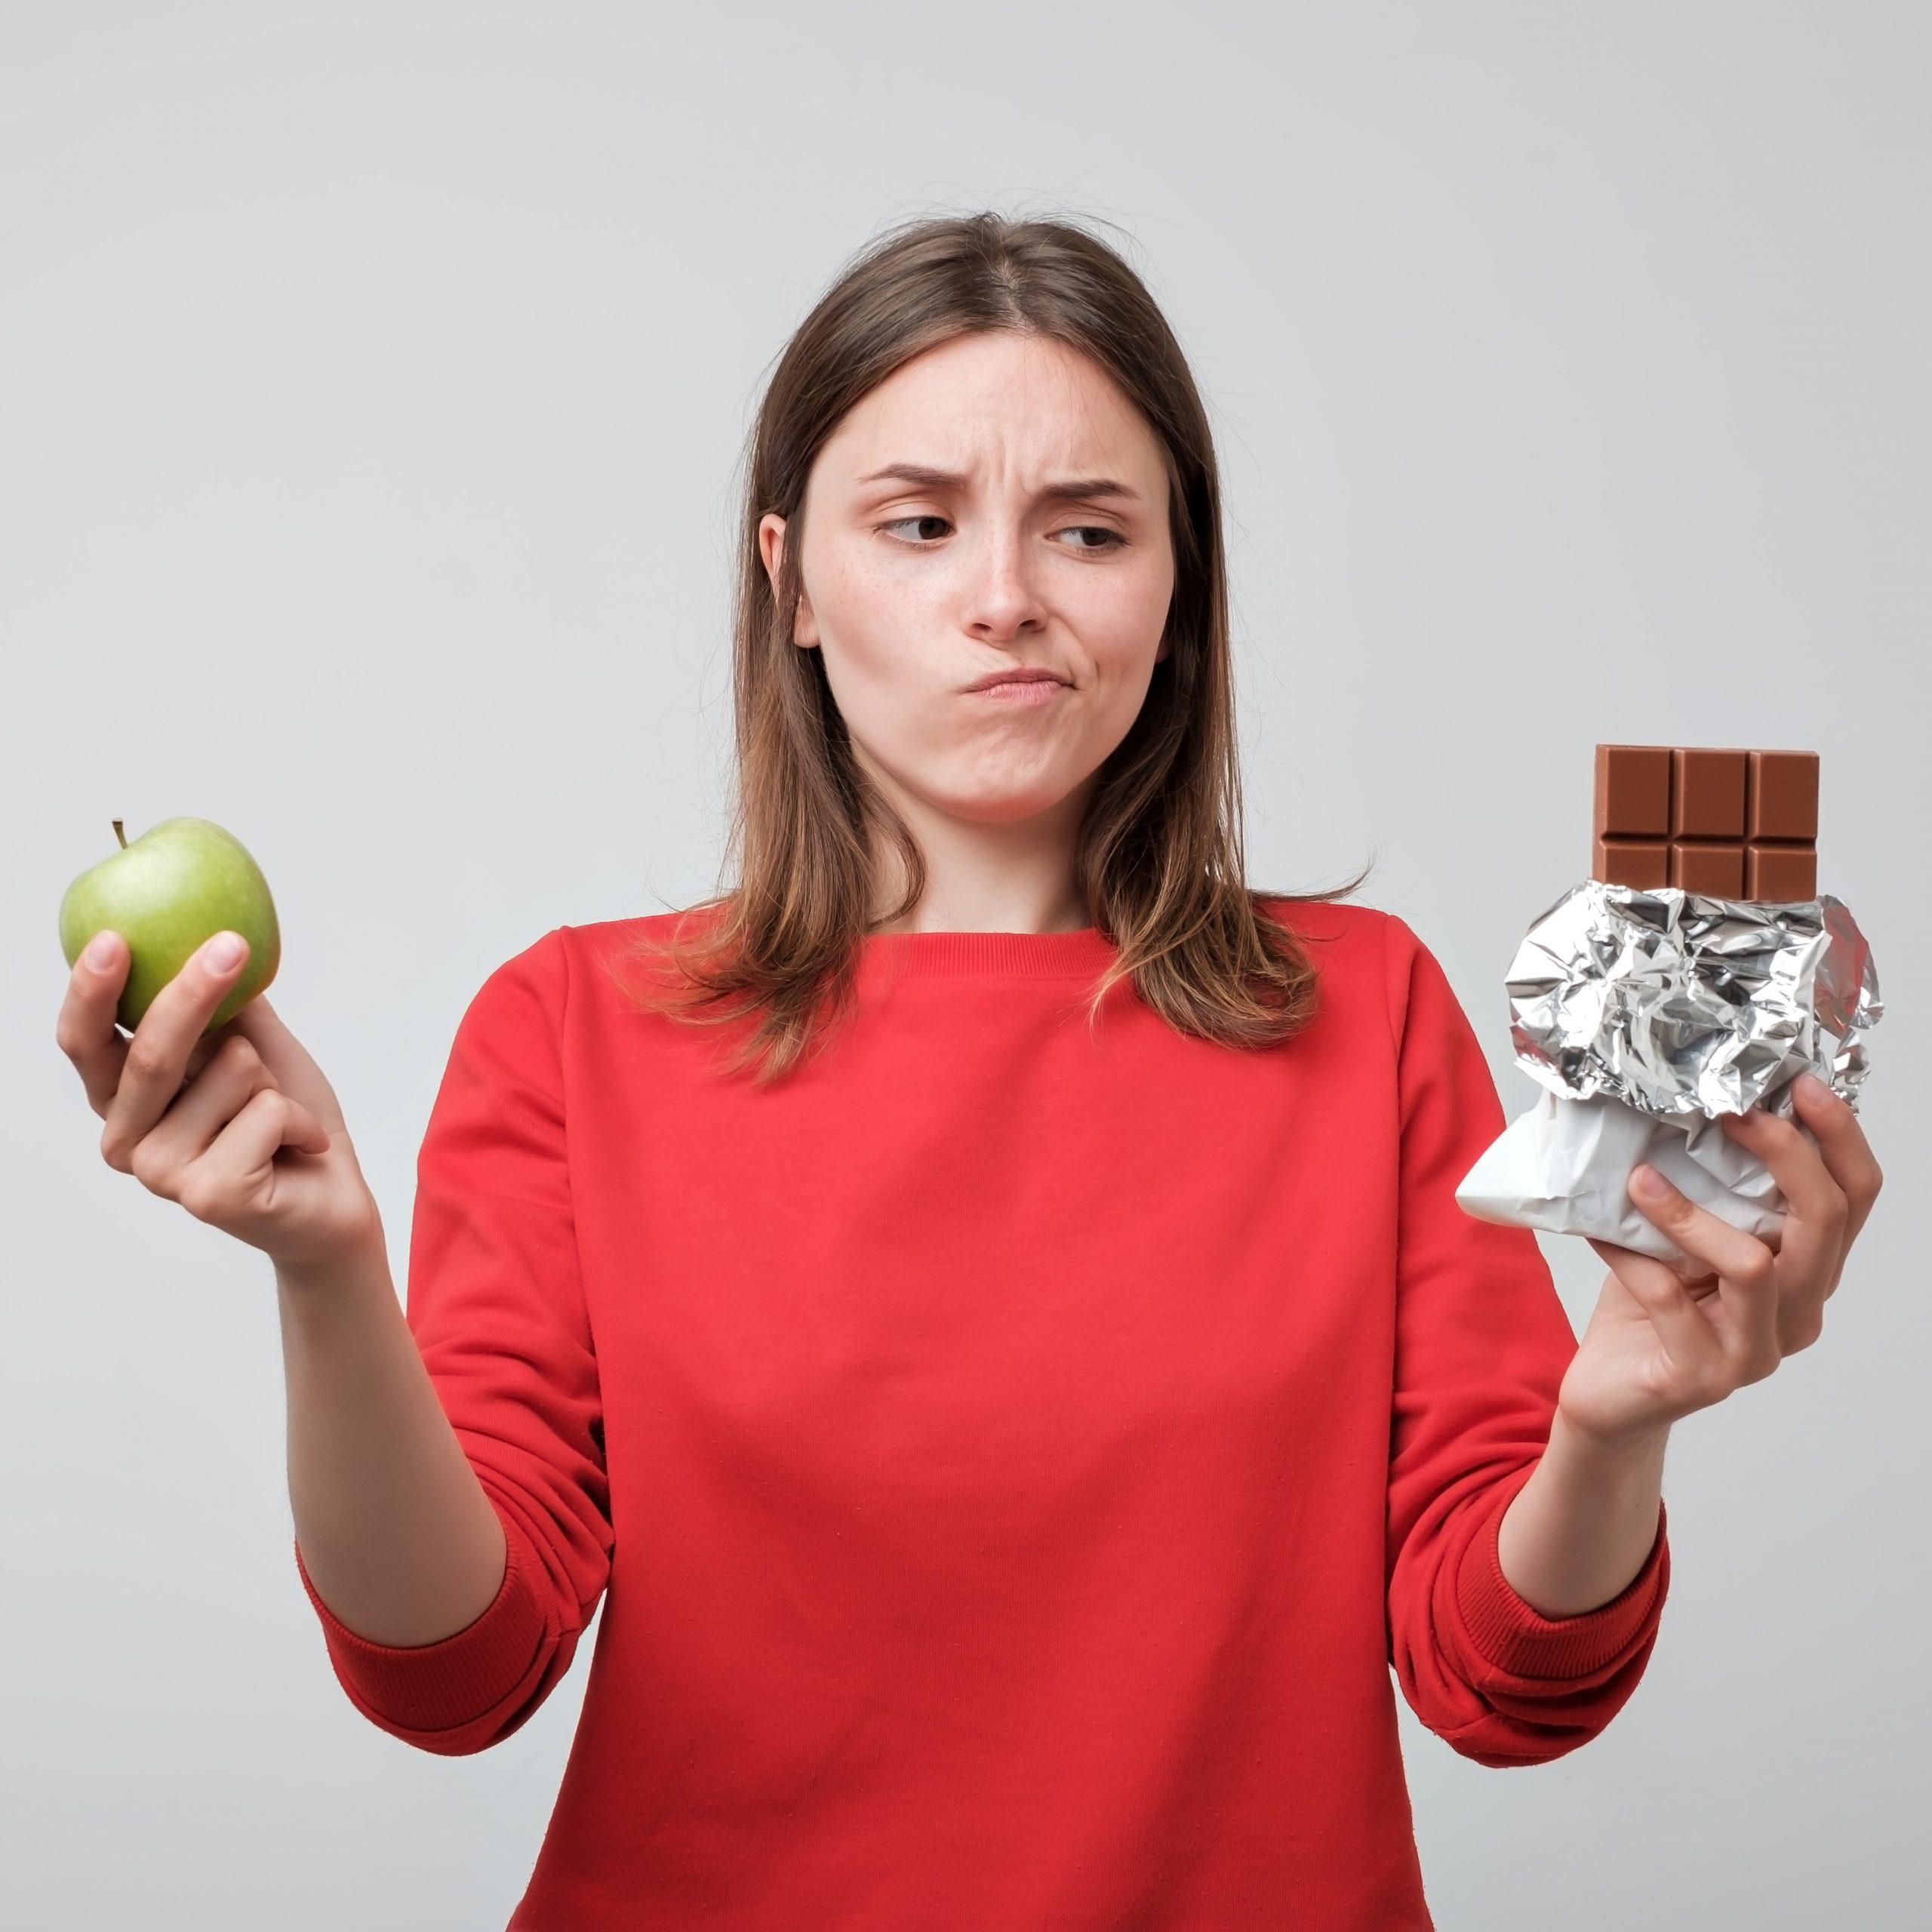 Eine verhaltenswissenschaftliche Methode kann zu mehr Selbstkontrolle und zu einem gesünderen Lebensstil verhelfen